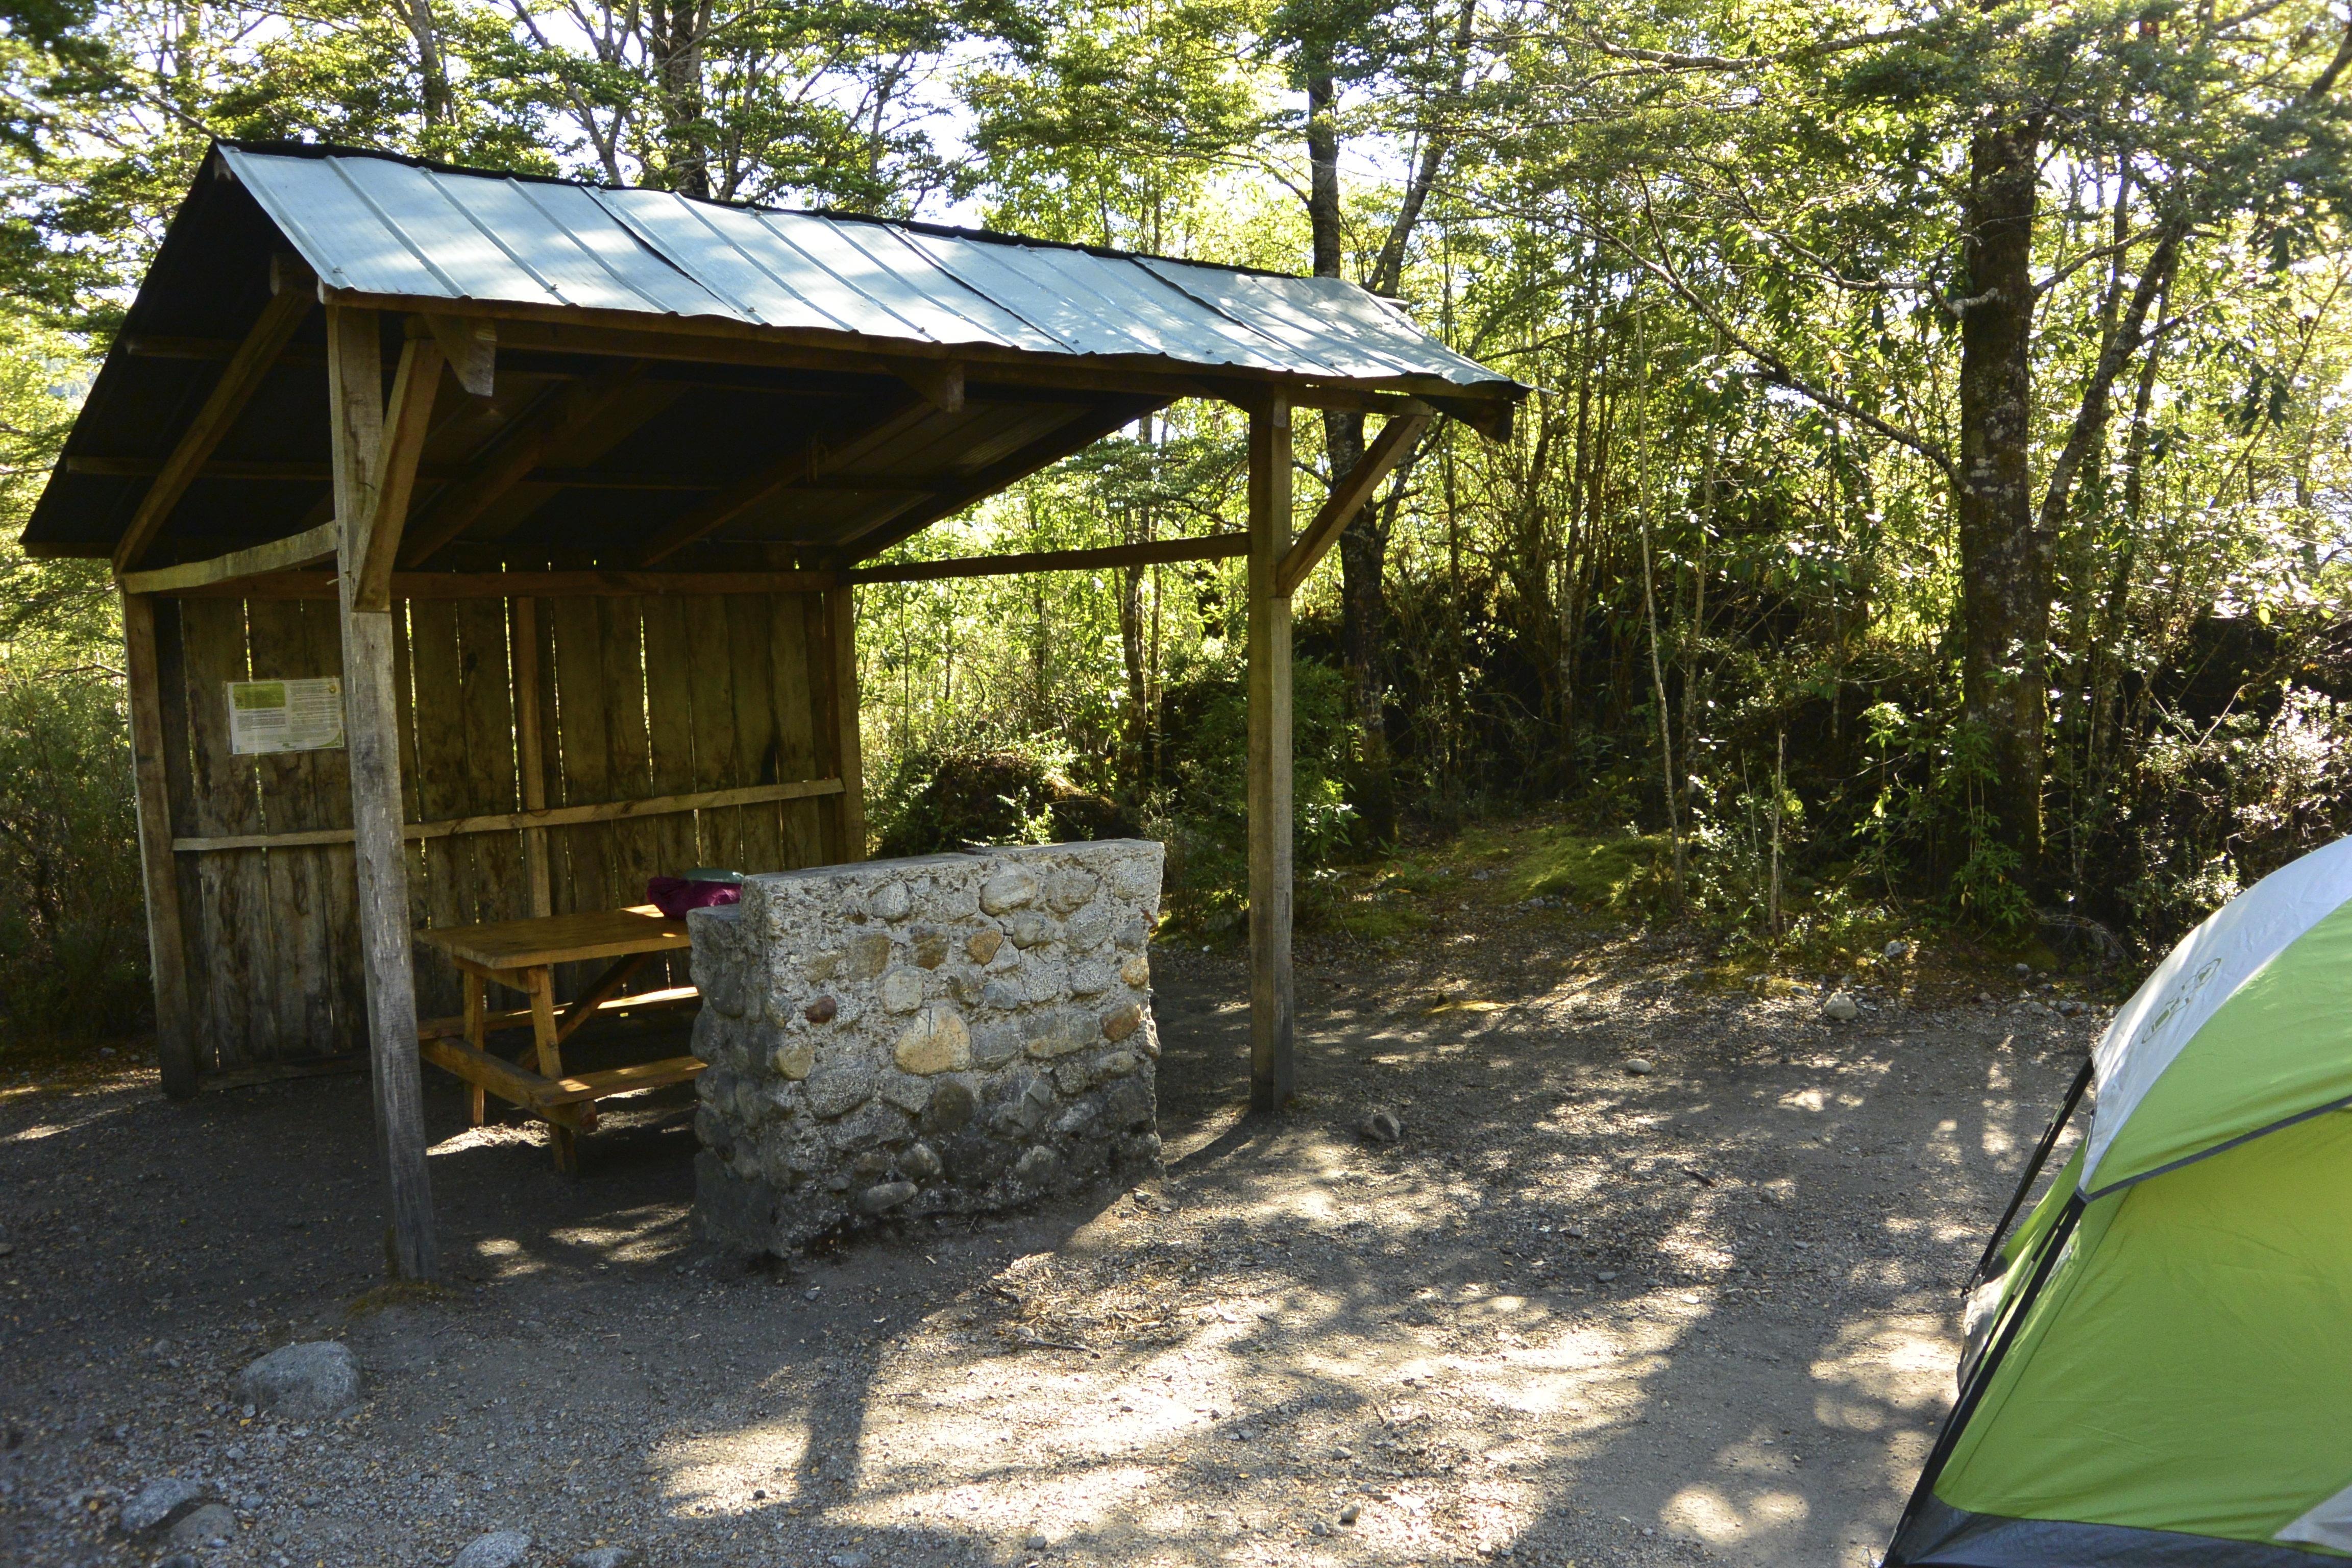 【安宿No.1】世界一周中にキャンプをしよう!初心者でもOKバックパッカーキャンパーへの指南書